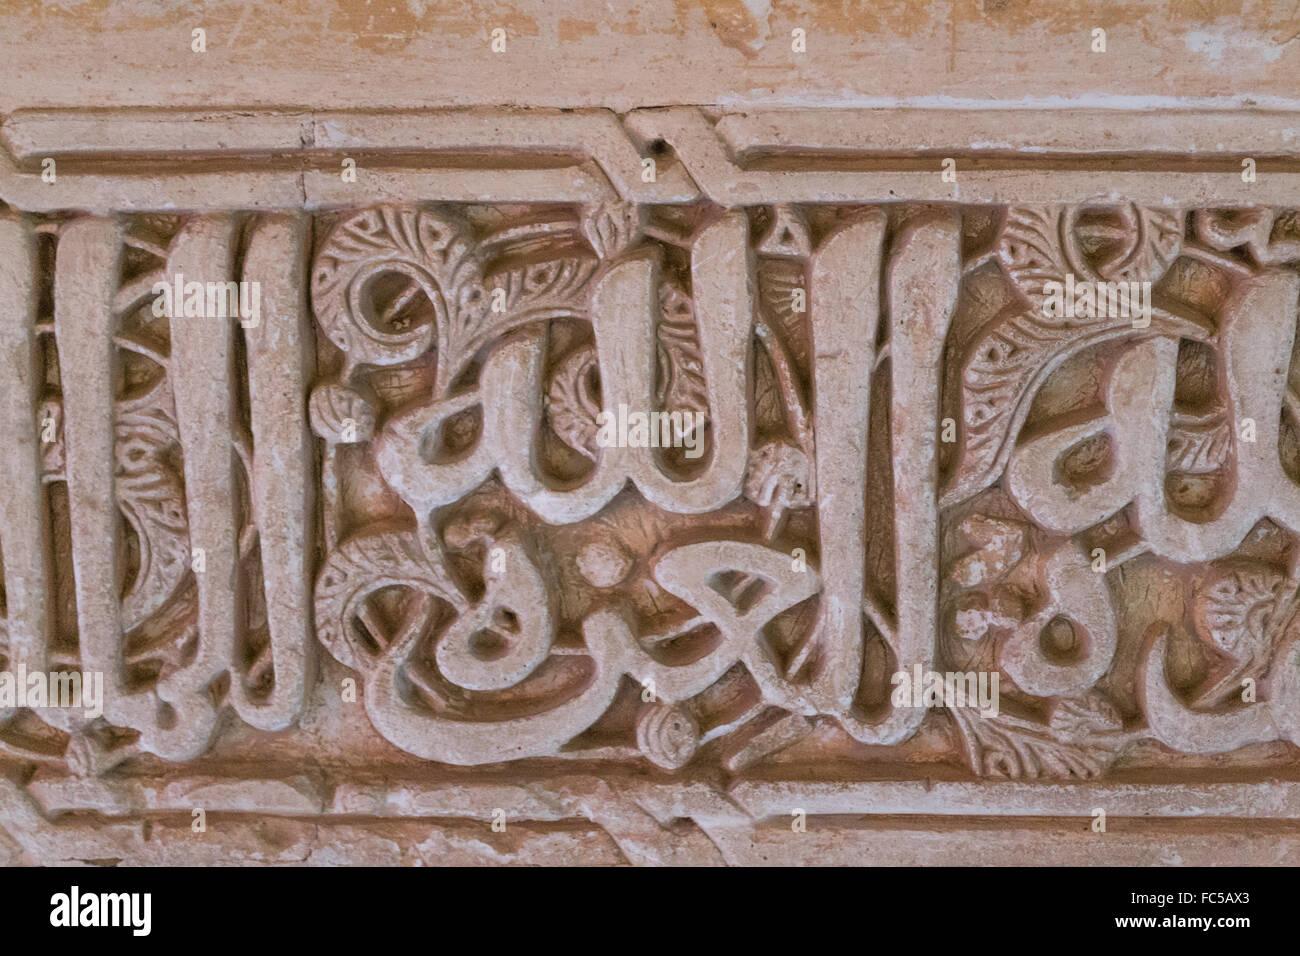 Islamic writting Alhambra - Stock Image